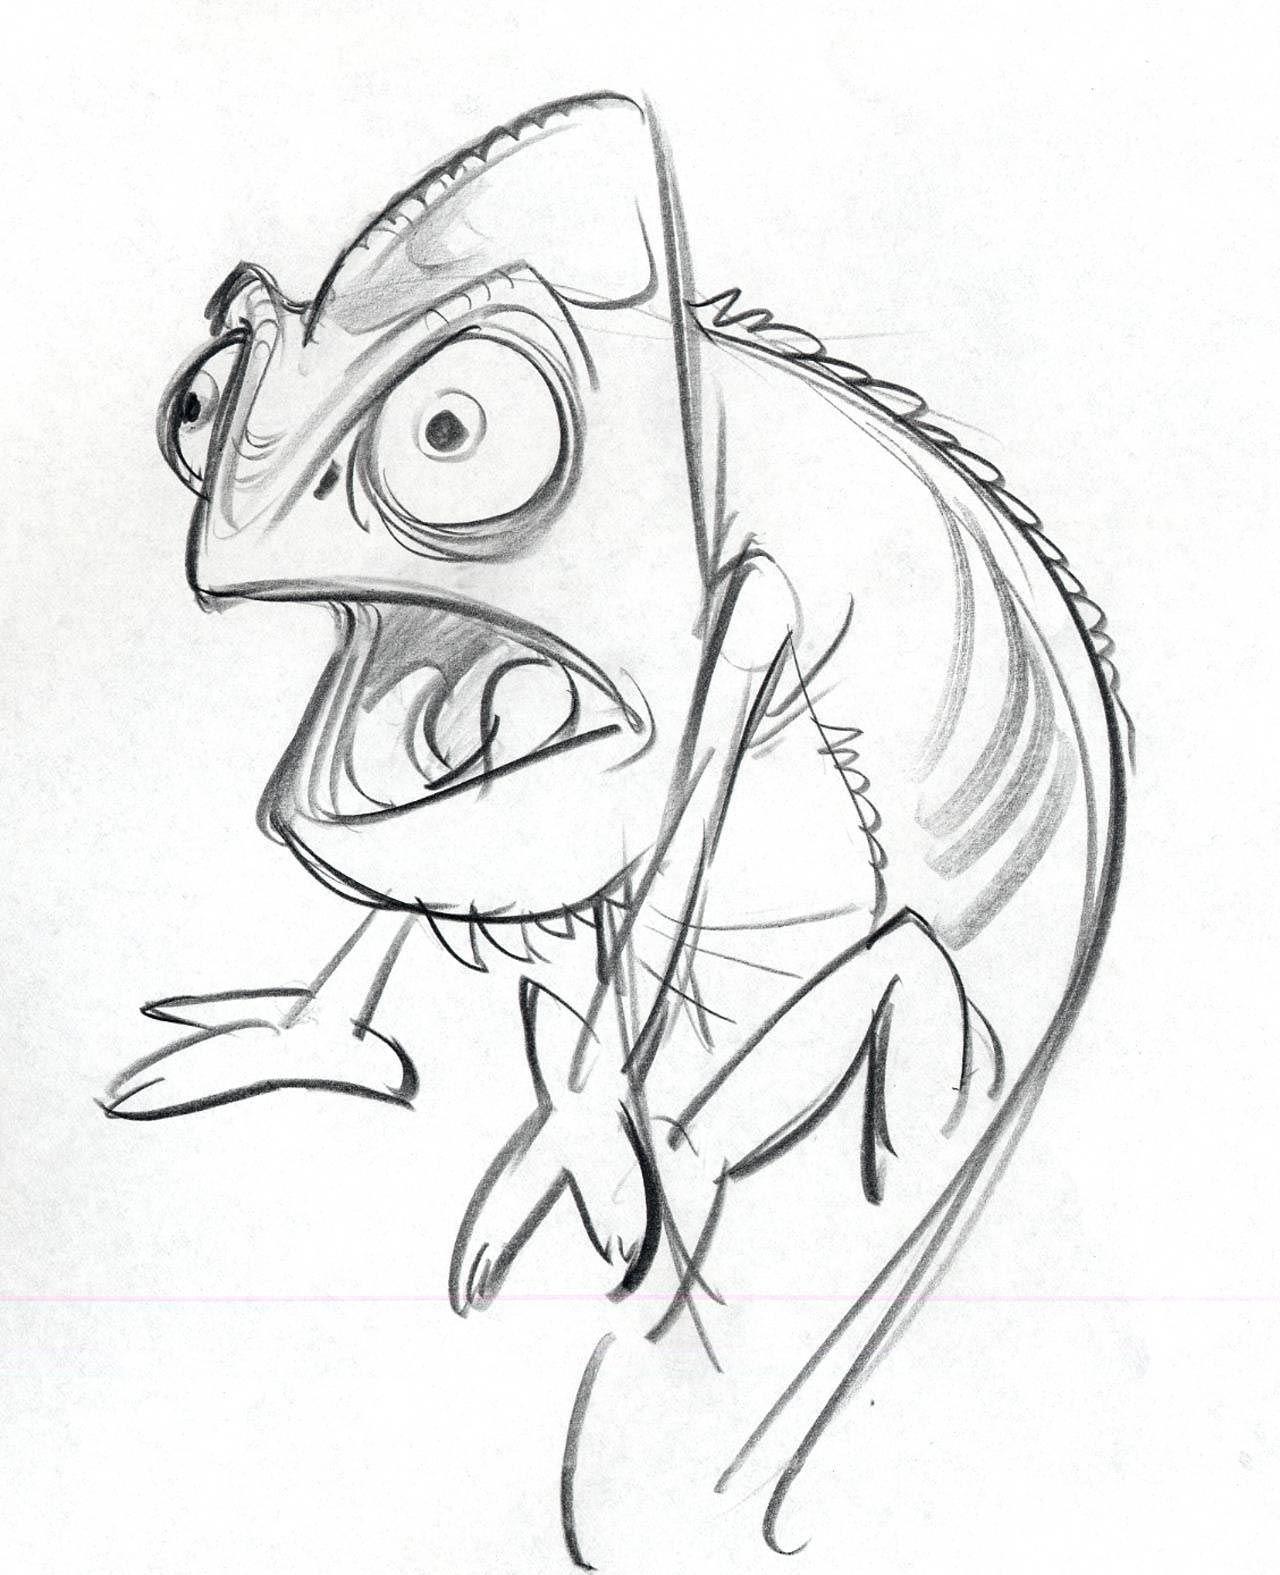 Прикольные рисунки мультяшных героев карандашом